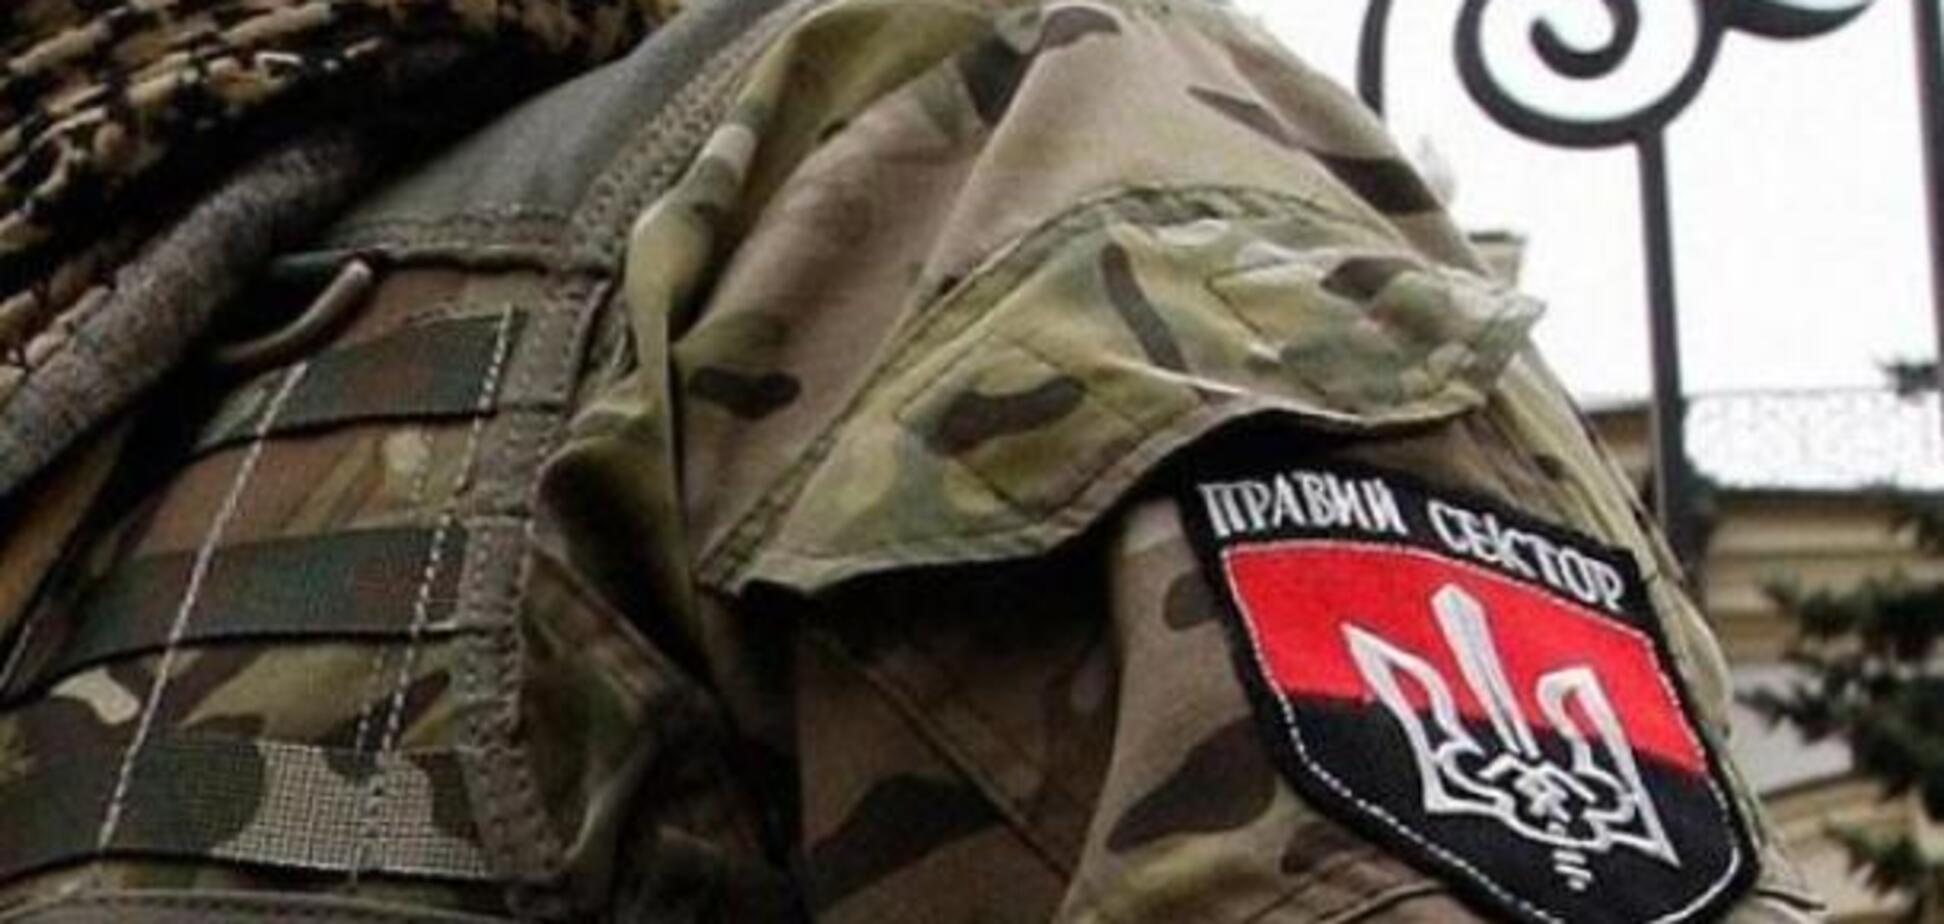 В Одесі поліція порушила справу через 'Правий сектор'